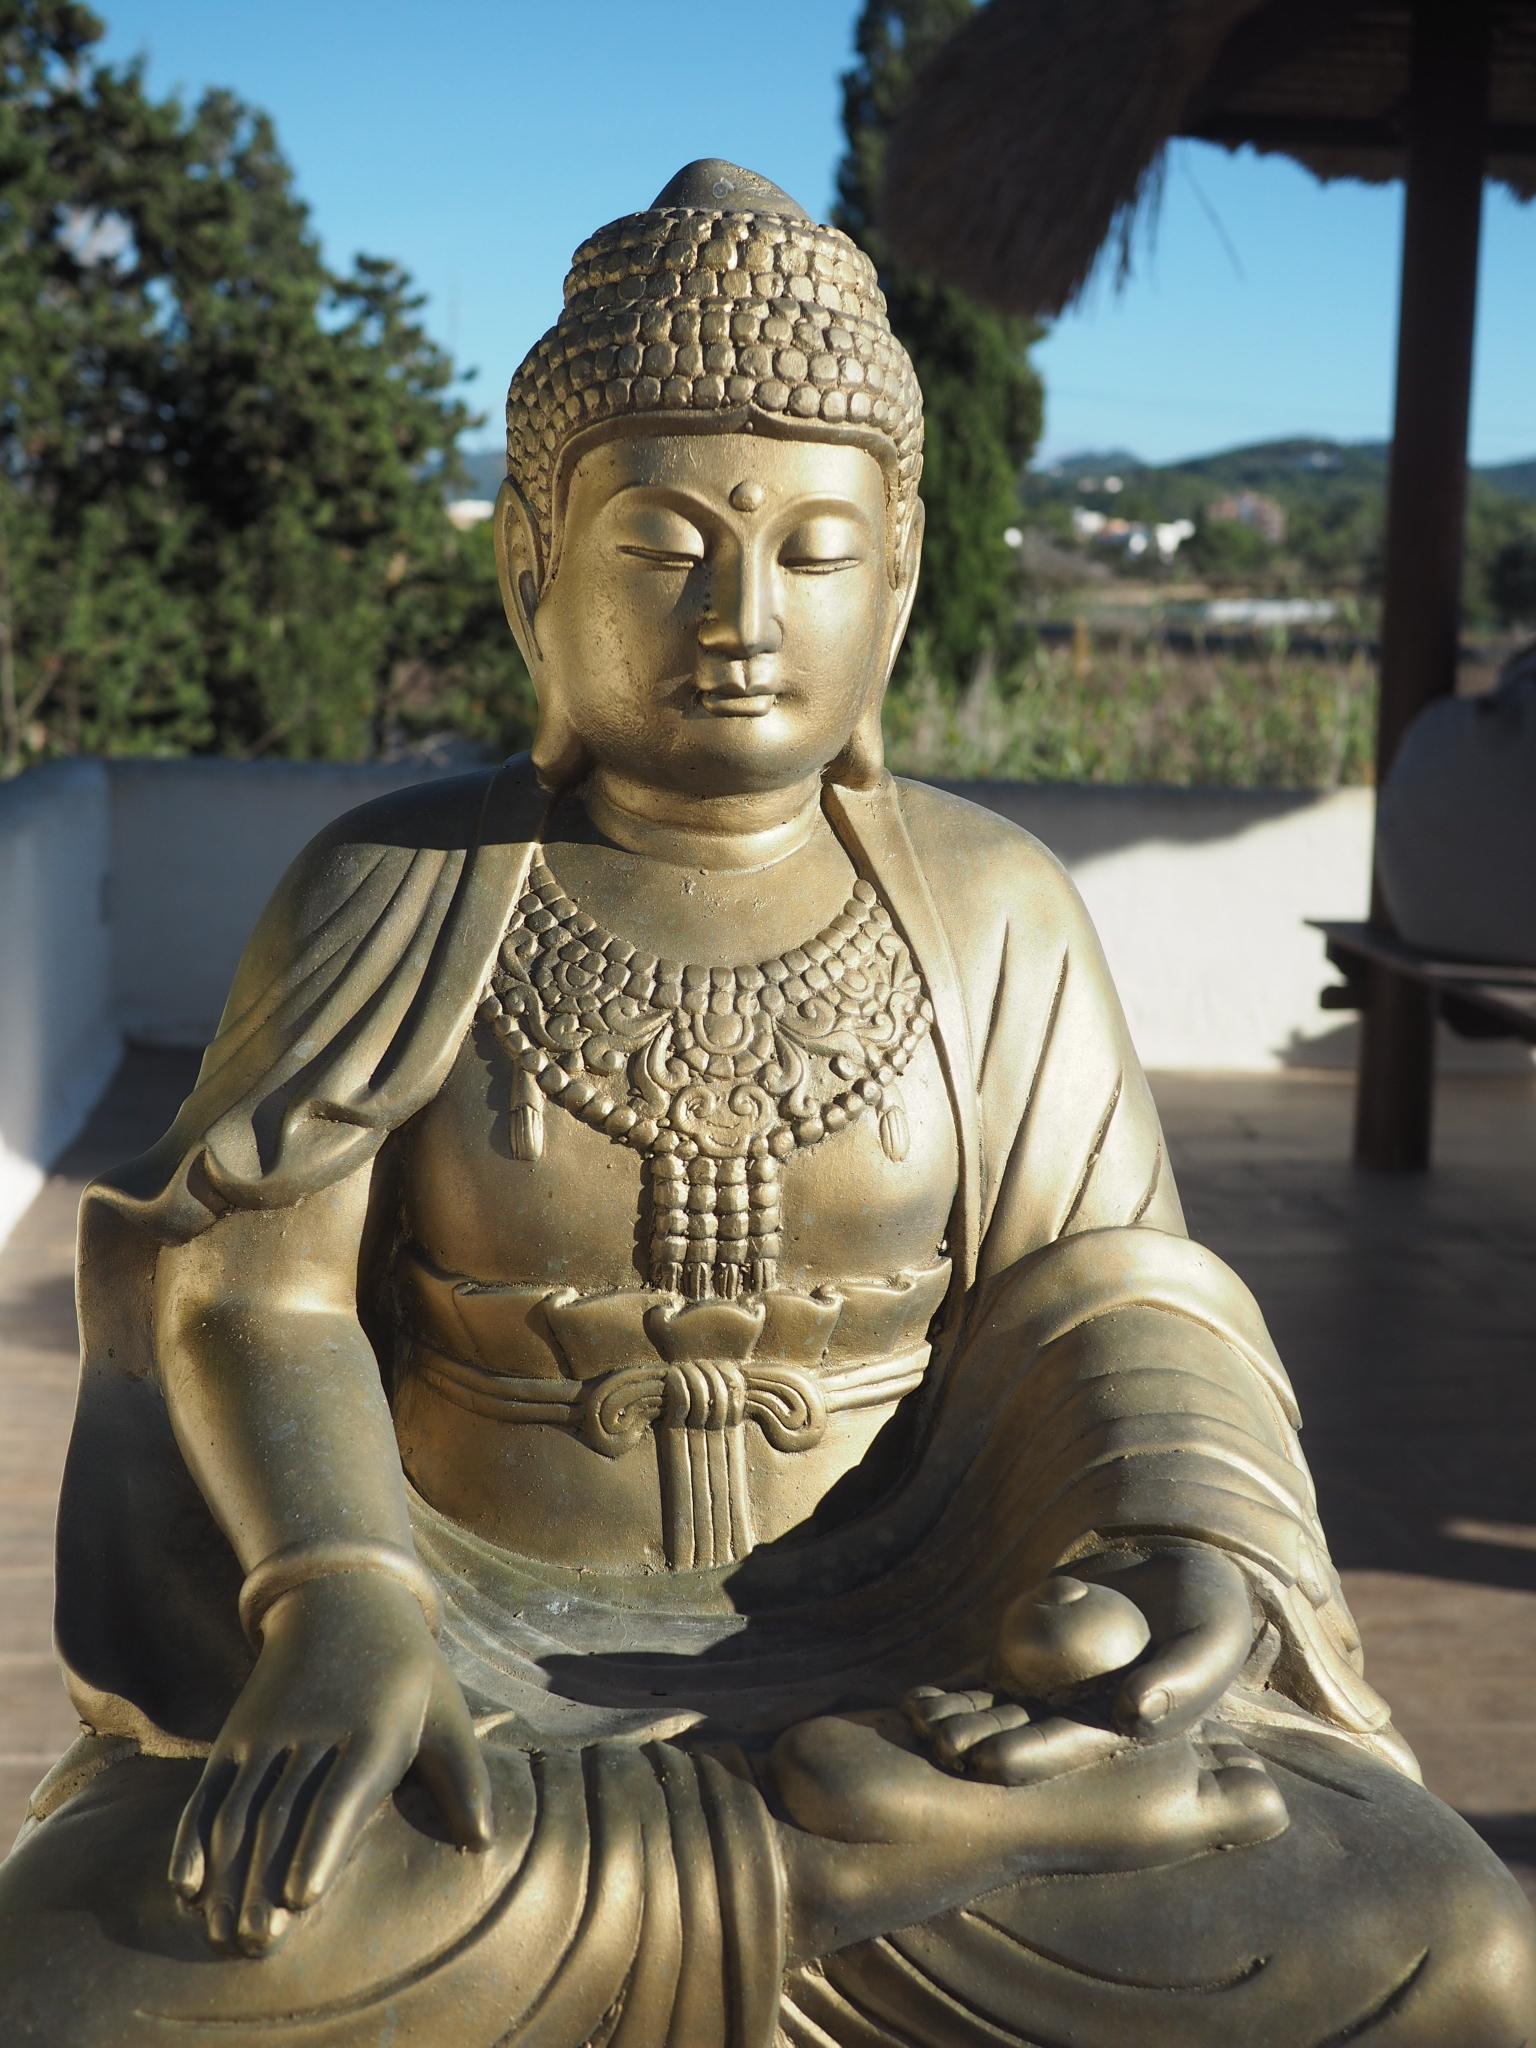 Buddah in Ibiza